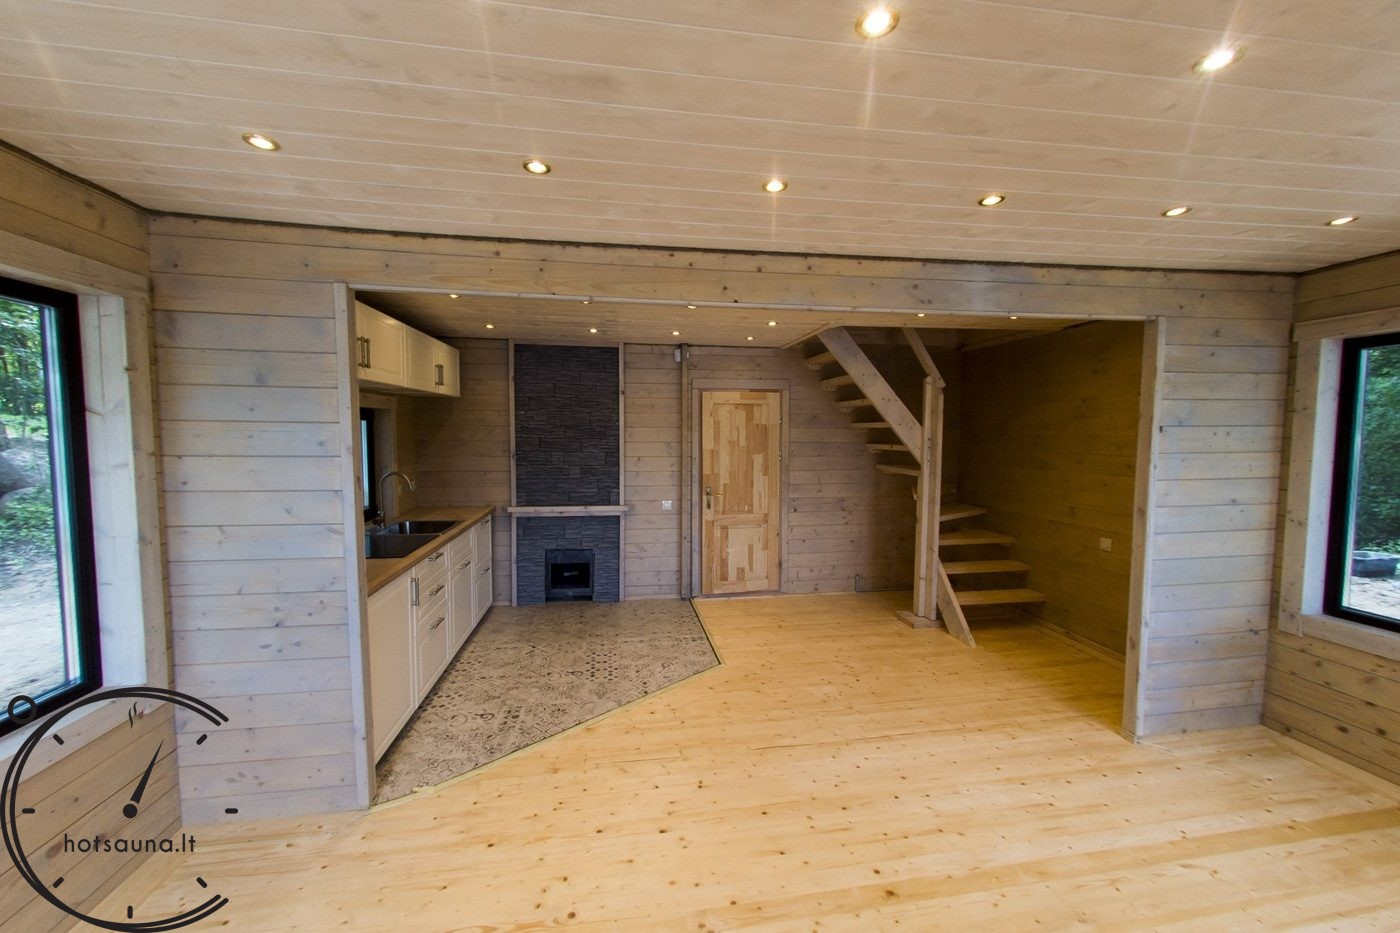 sauna for sale außerhalb der (15)